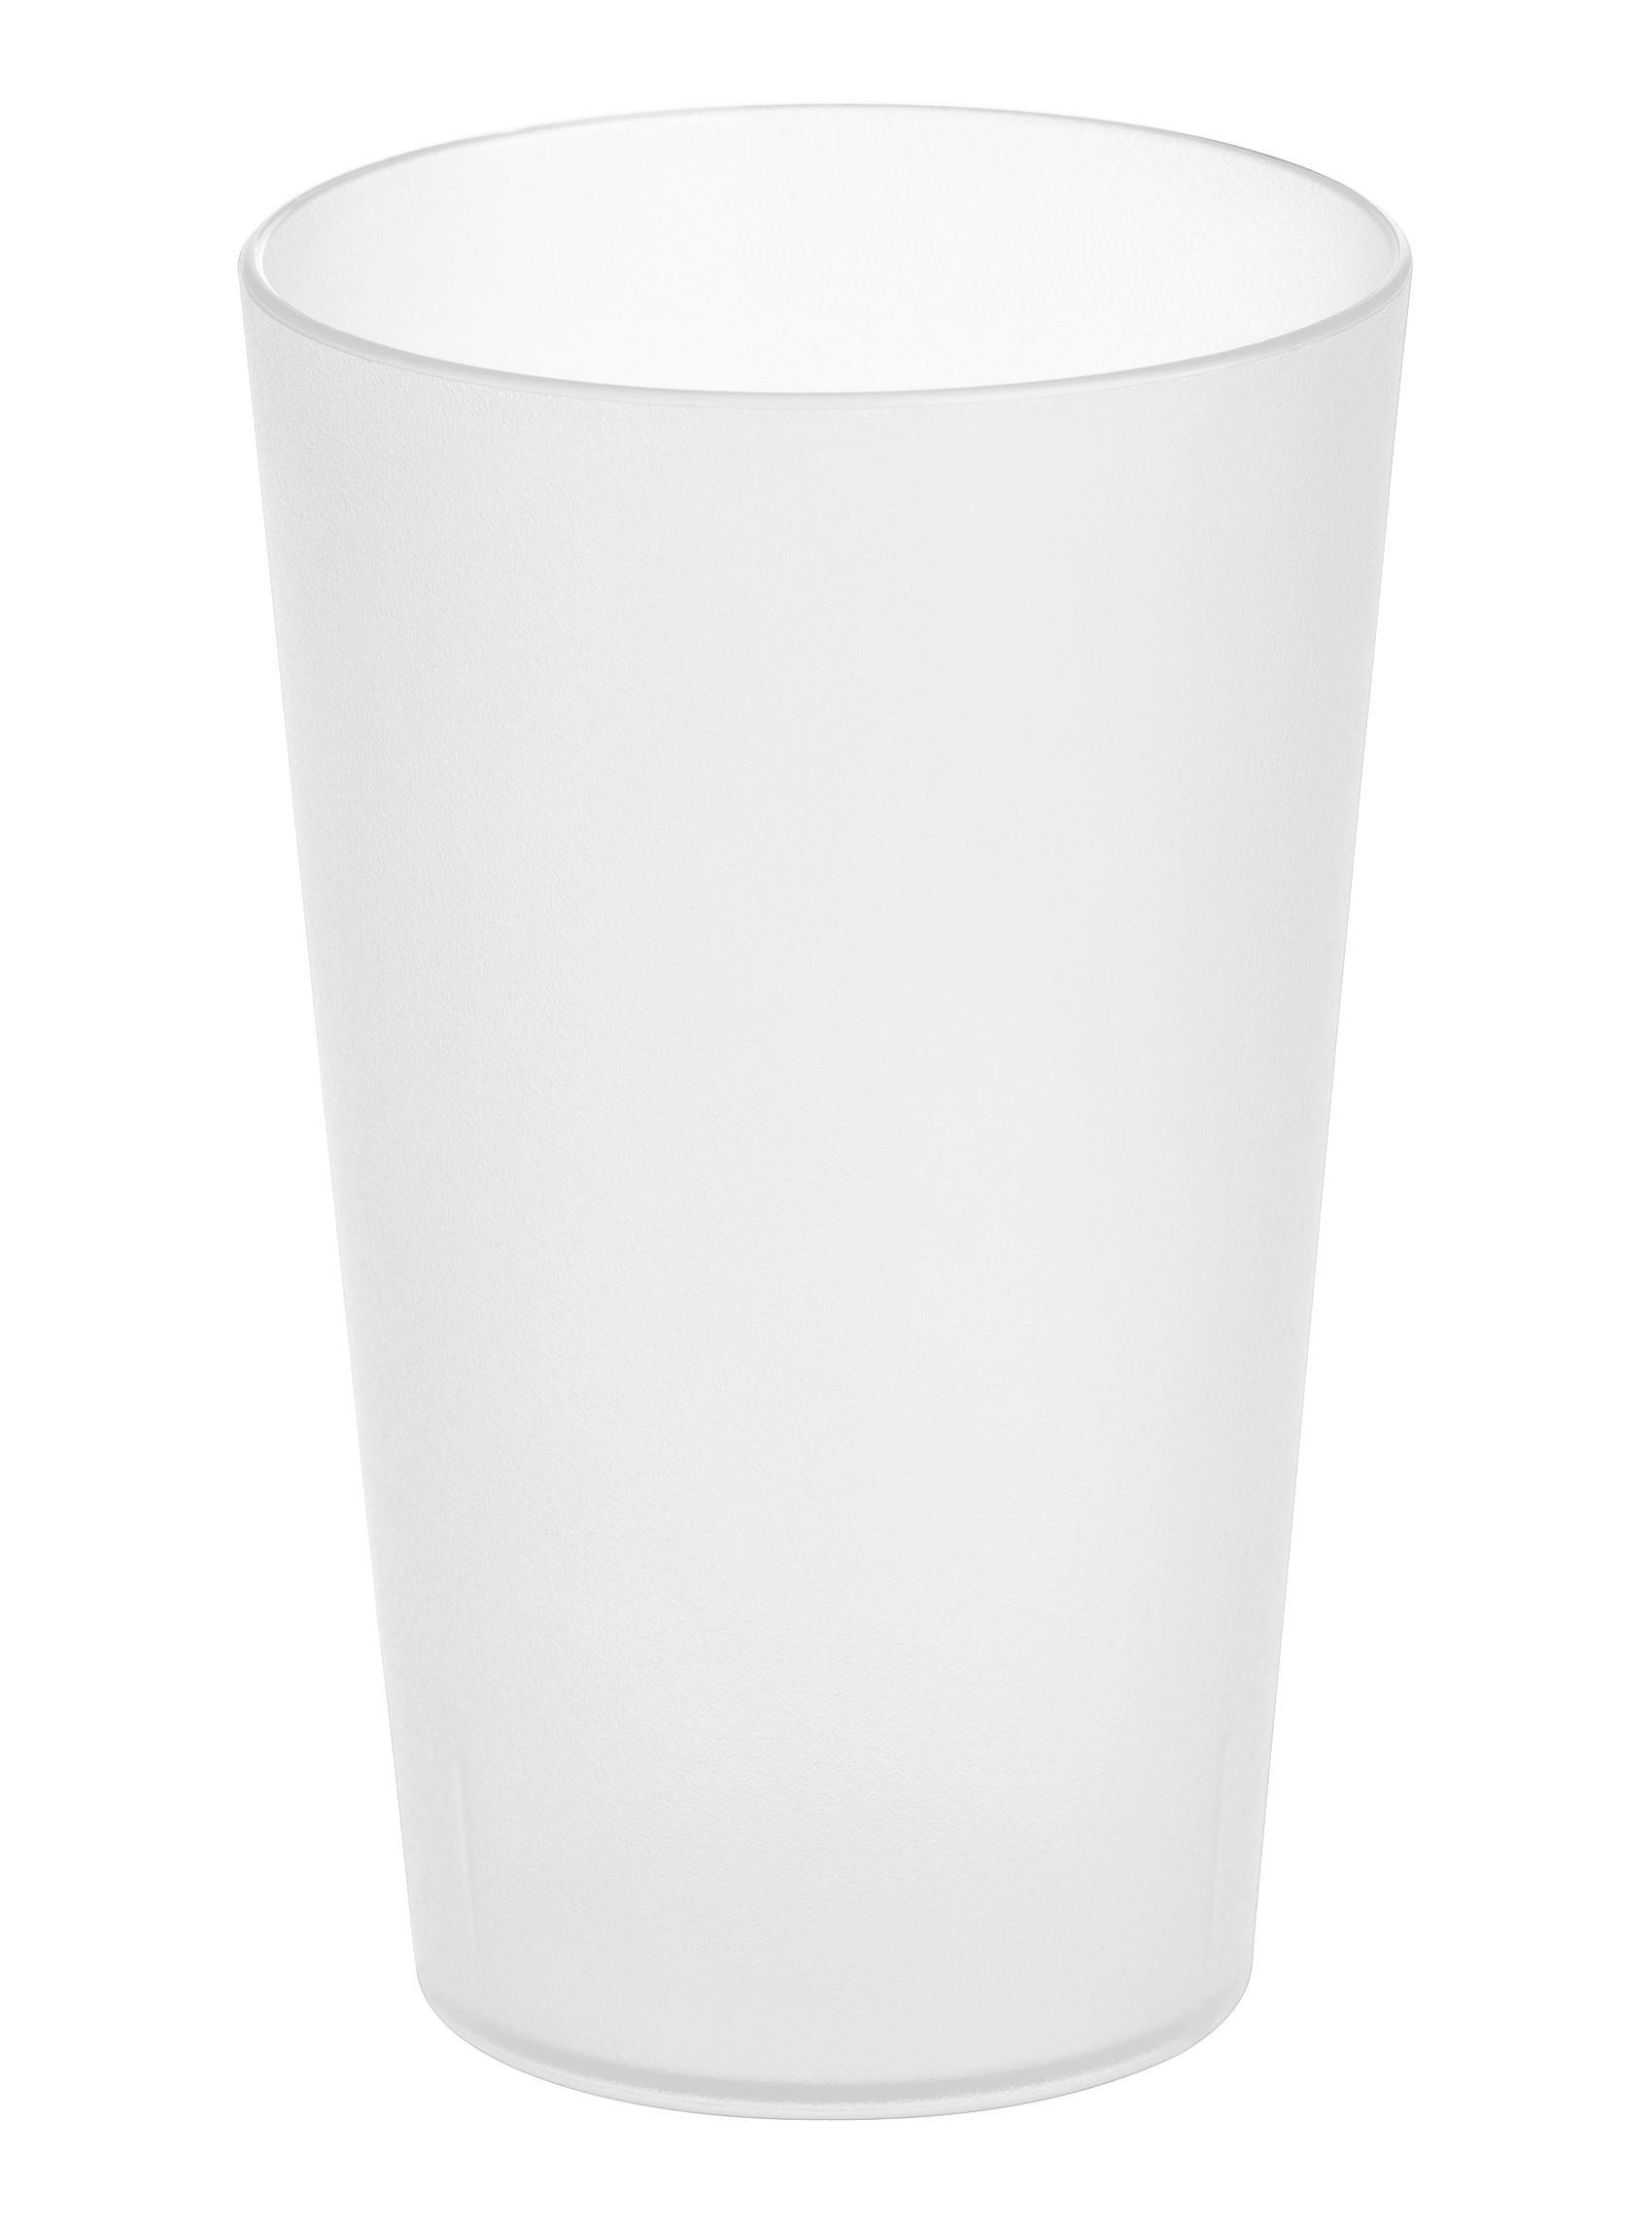 Déco - Salle de bains - Porte-brosse à dents Rio - Koziol - Transparent - Matière plastique